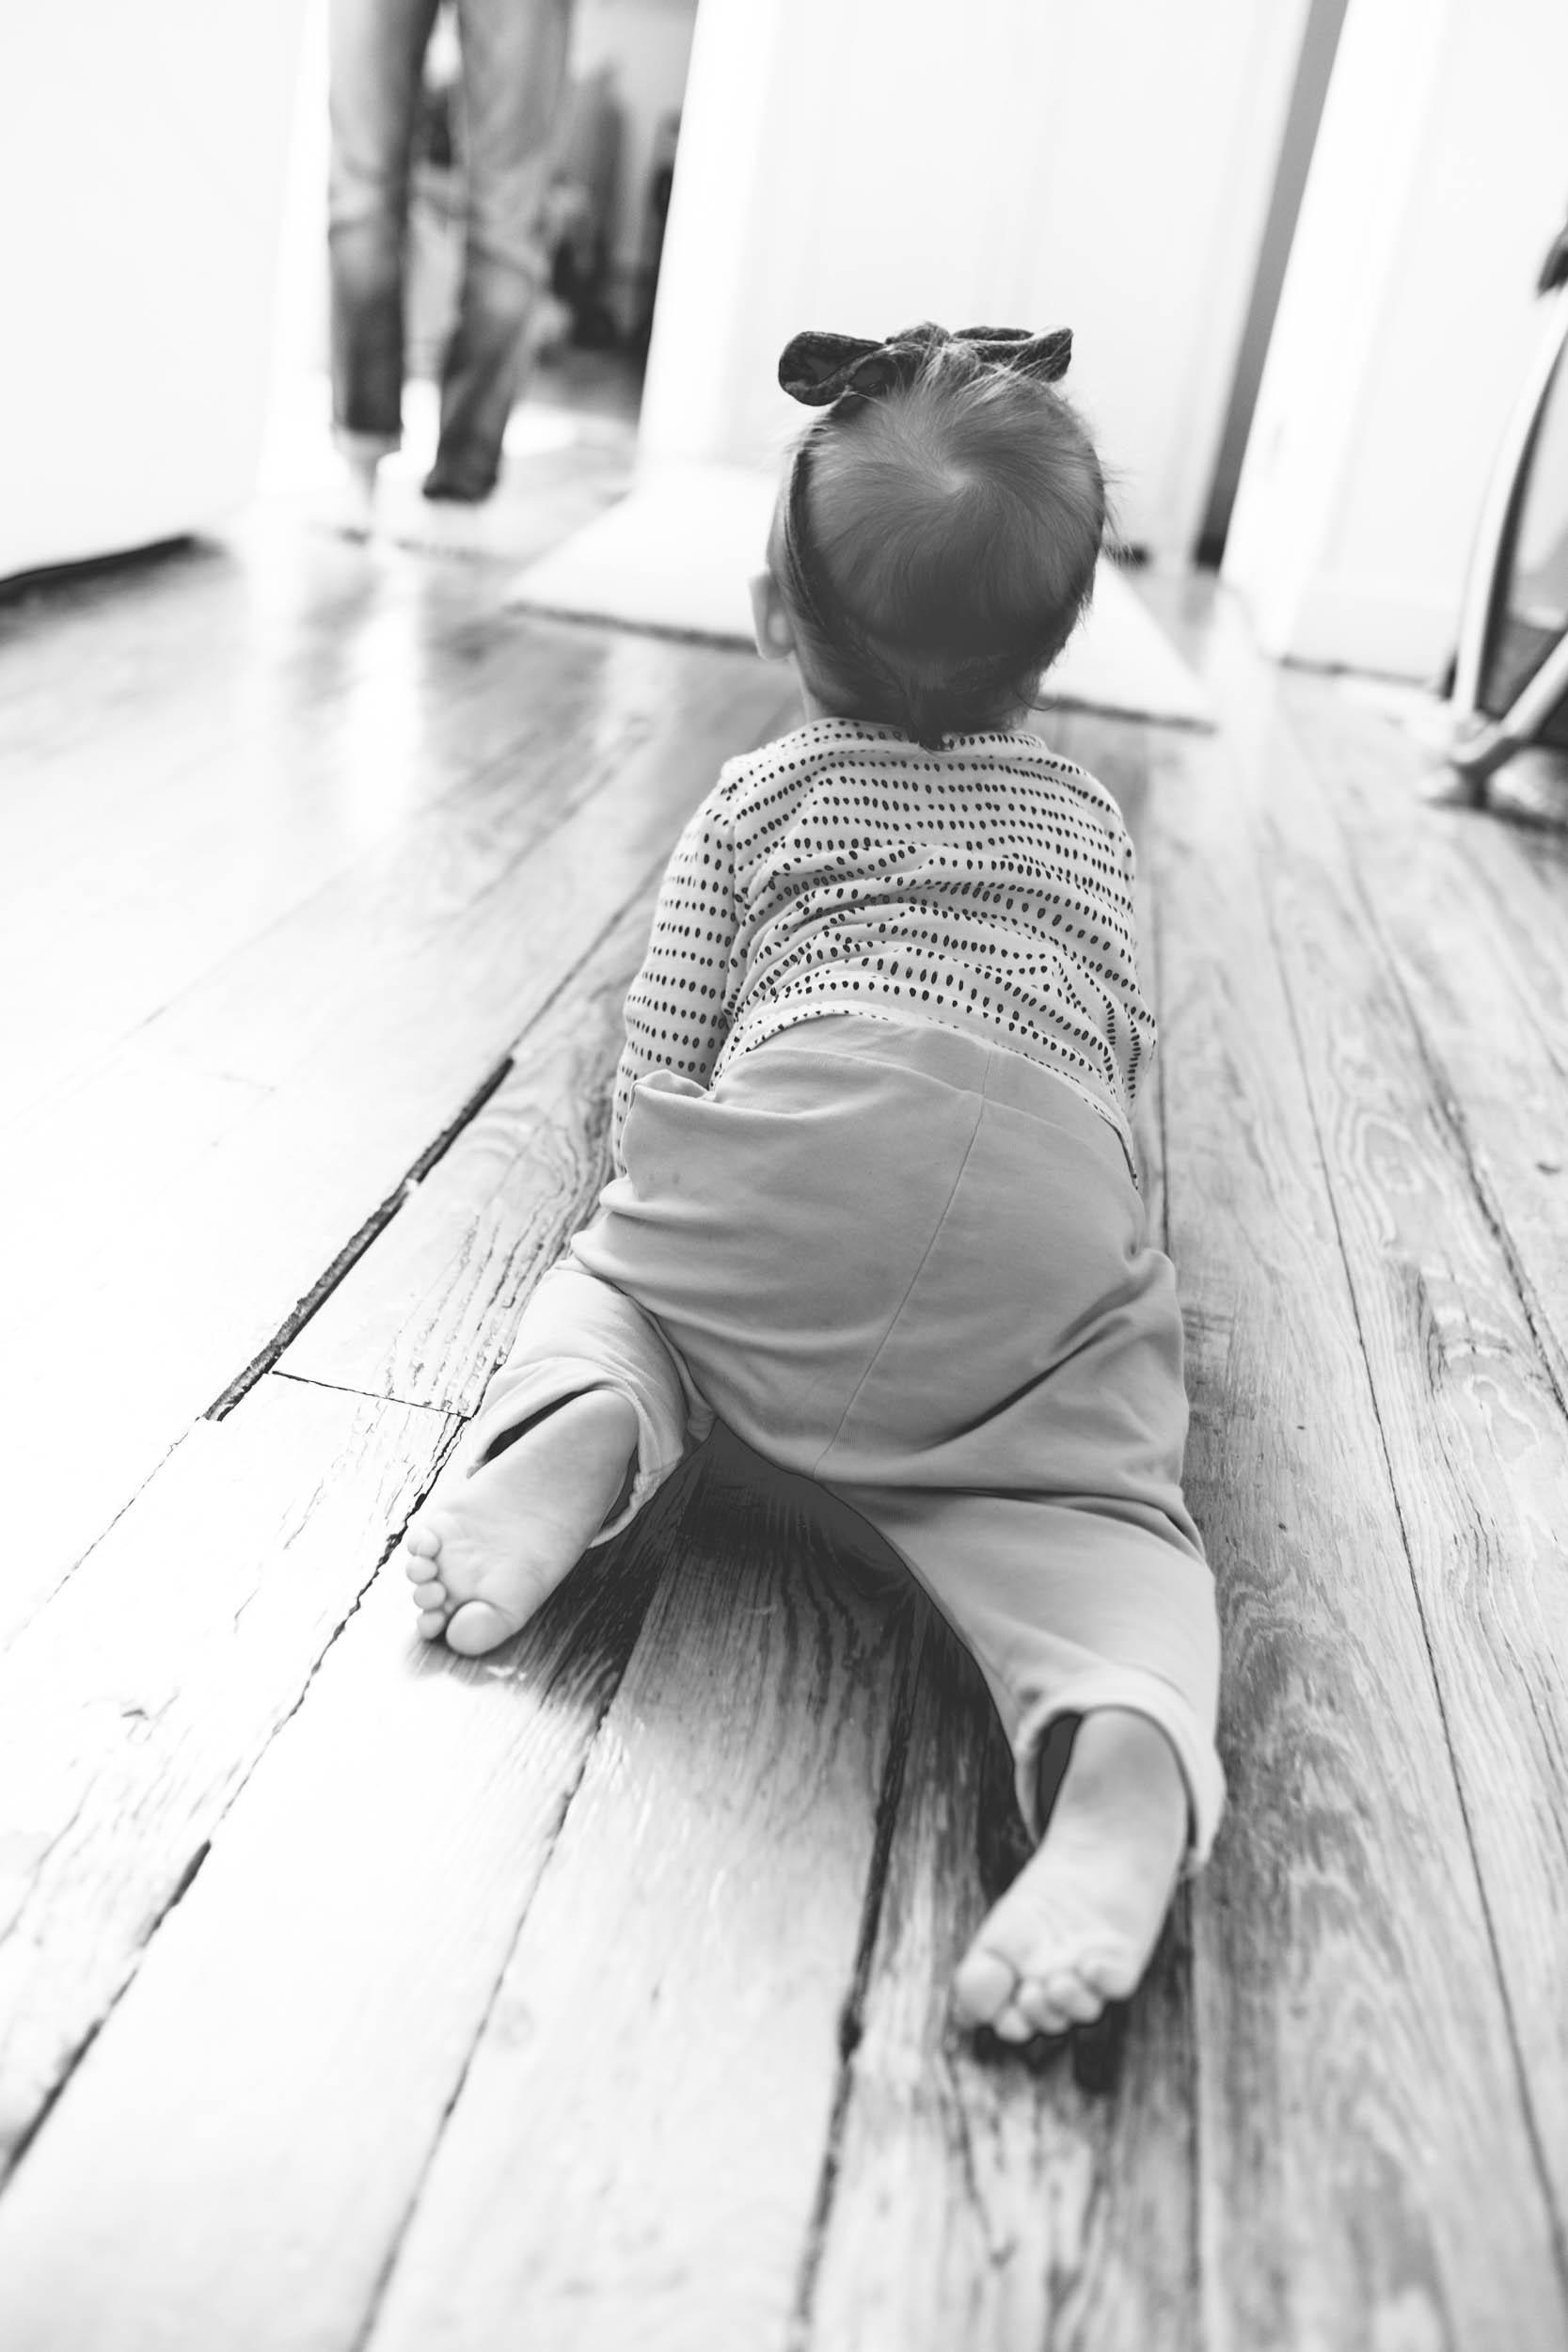 Kristen-Humbert-Family-Photoshoot-Philadelphia_Ruby-James-W-7343.jpg